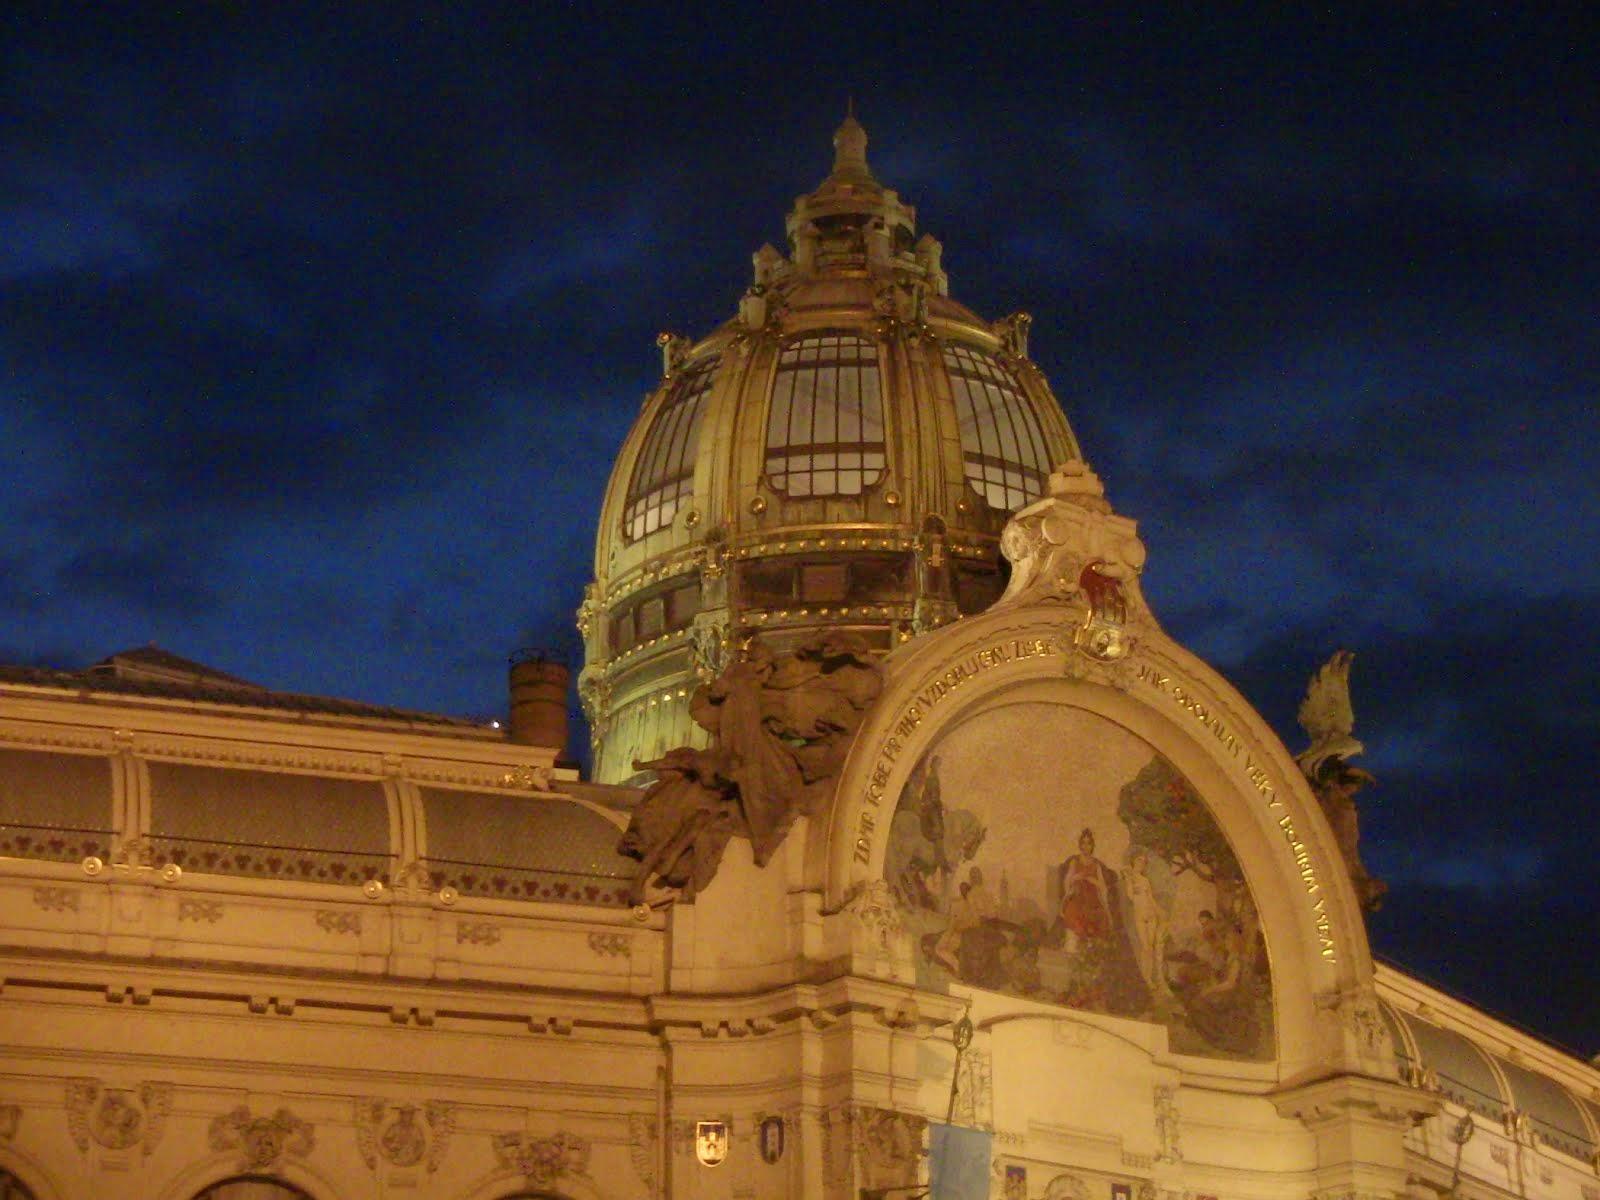 la coupole du palais municipal de nuit